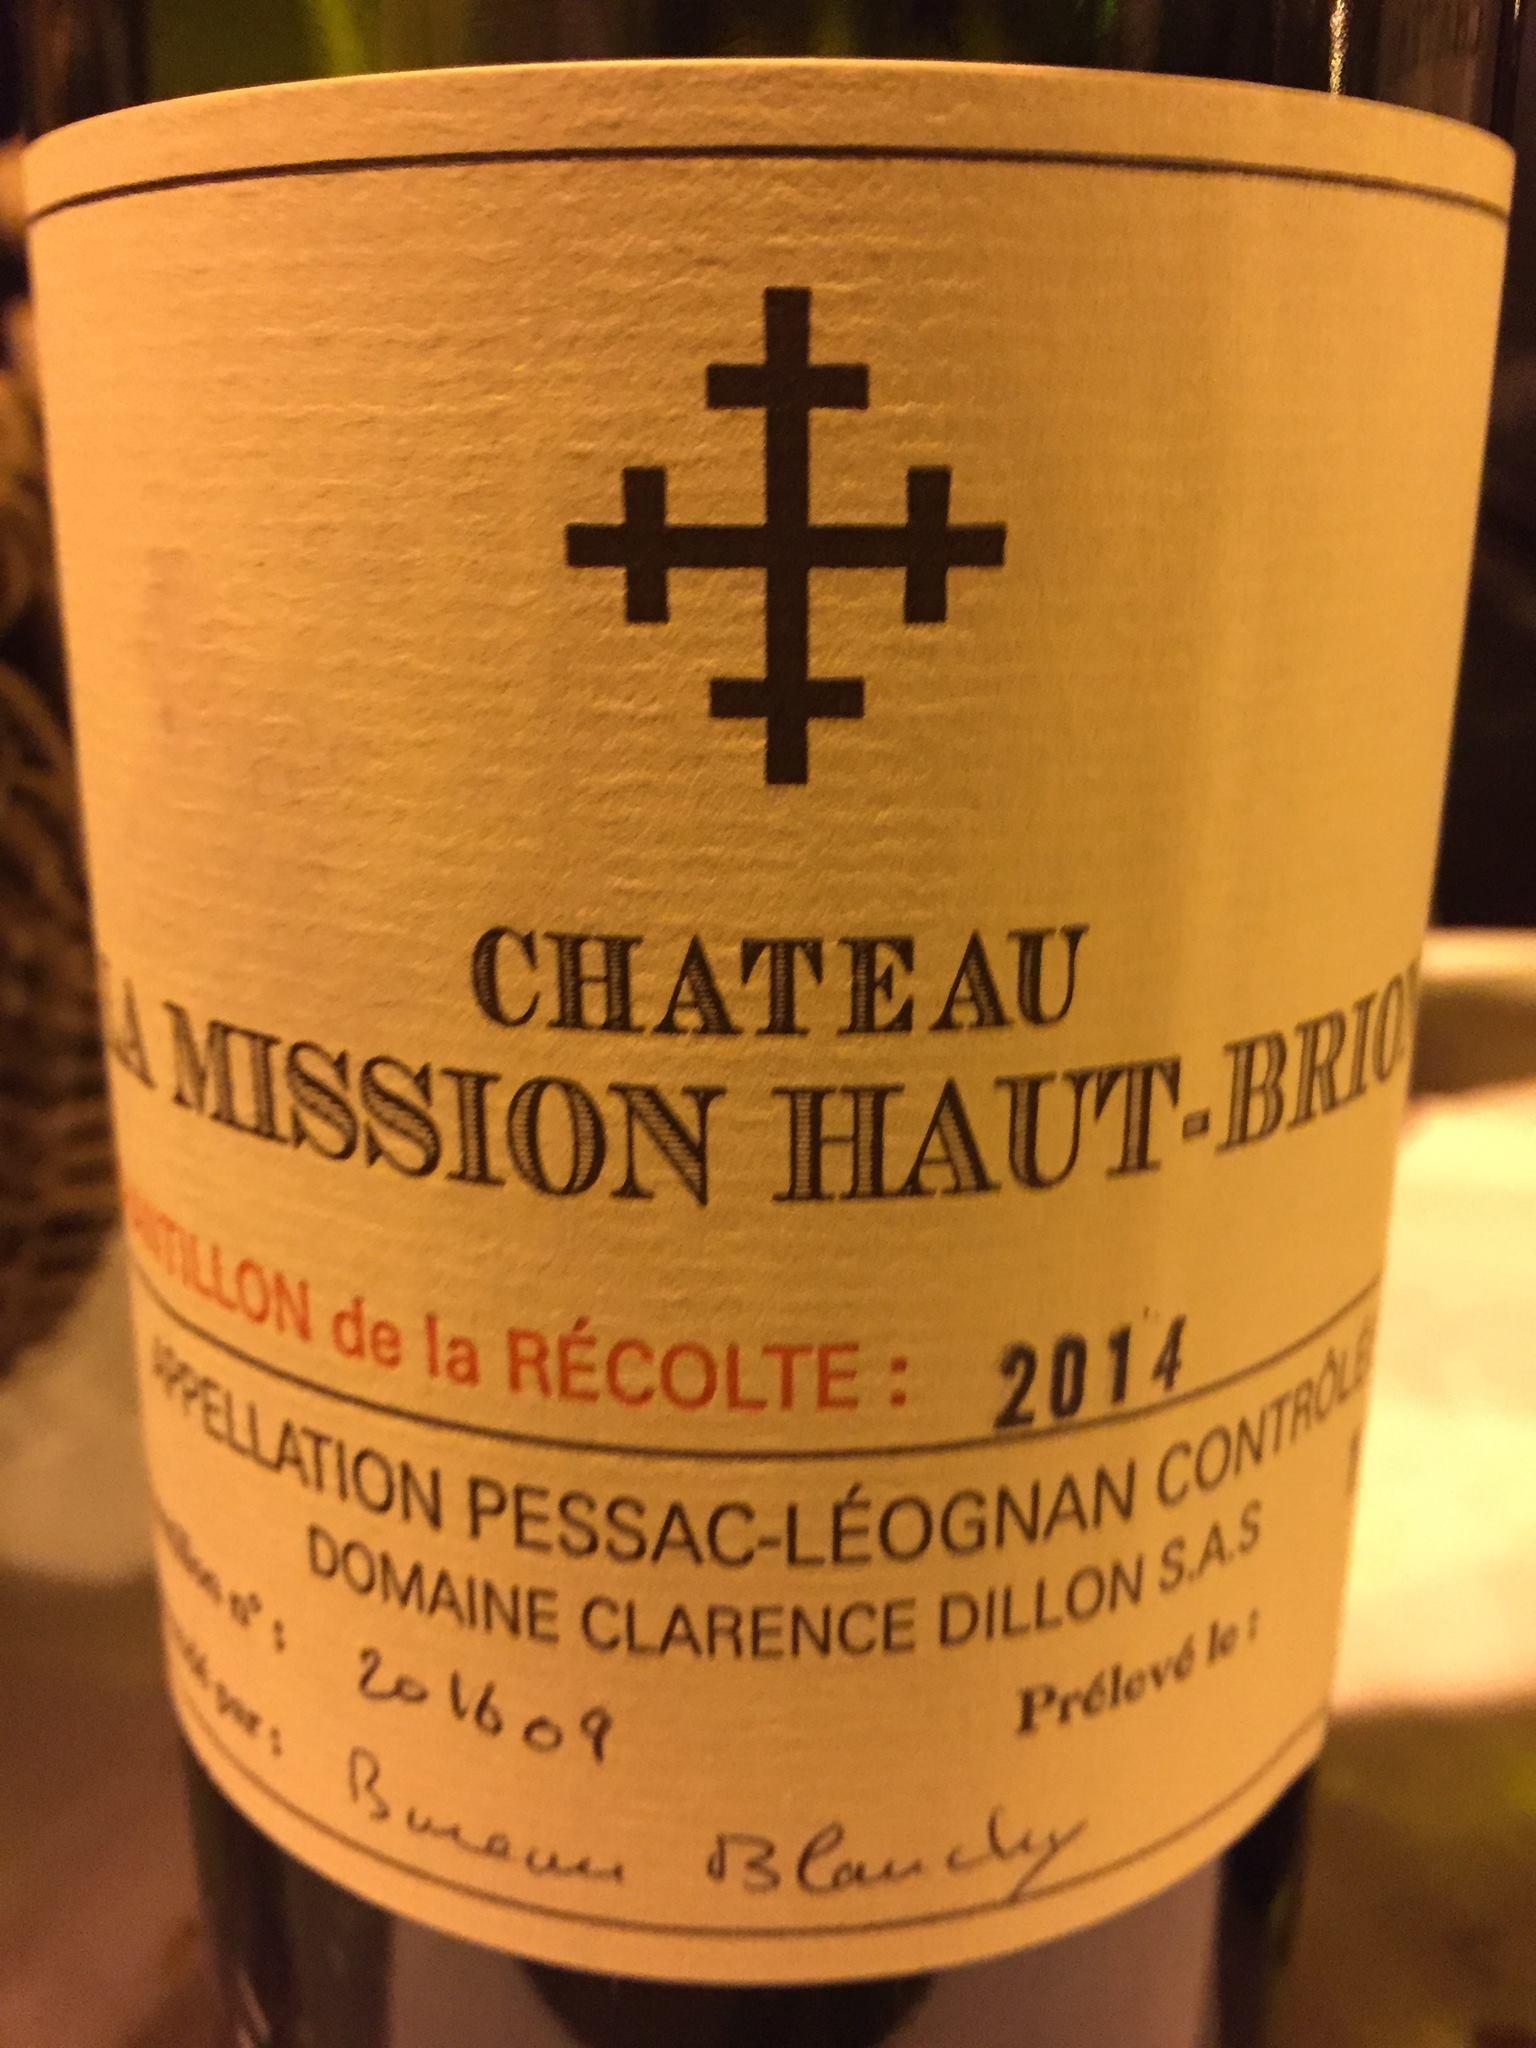 Château La Mission Haut-Brion 2014 – Pessac-Léognan, Grand Cru Classé de Graves